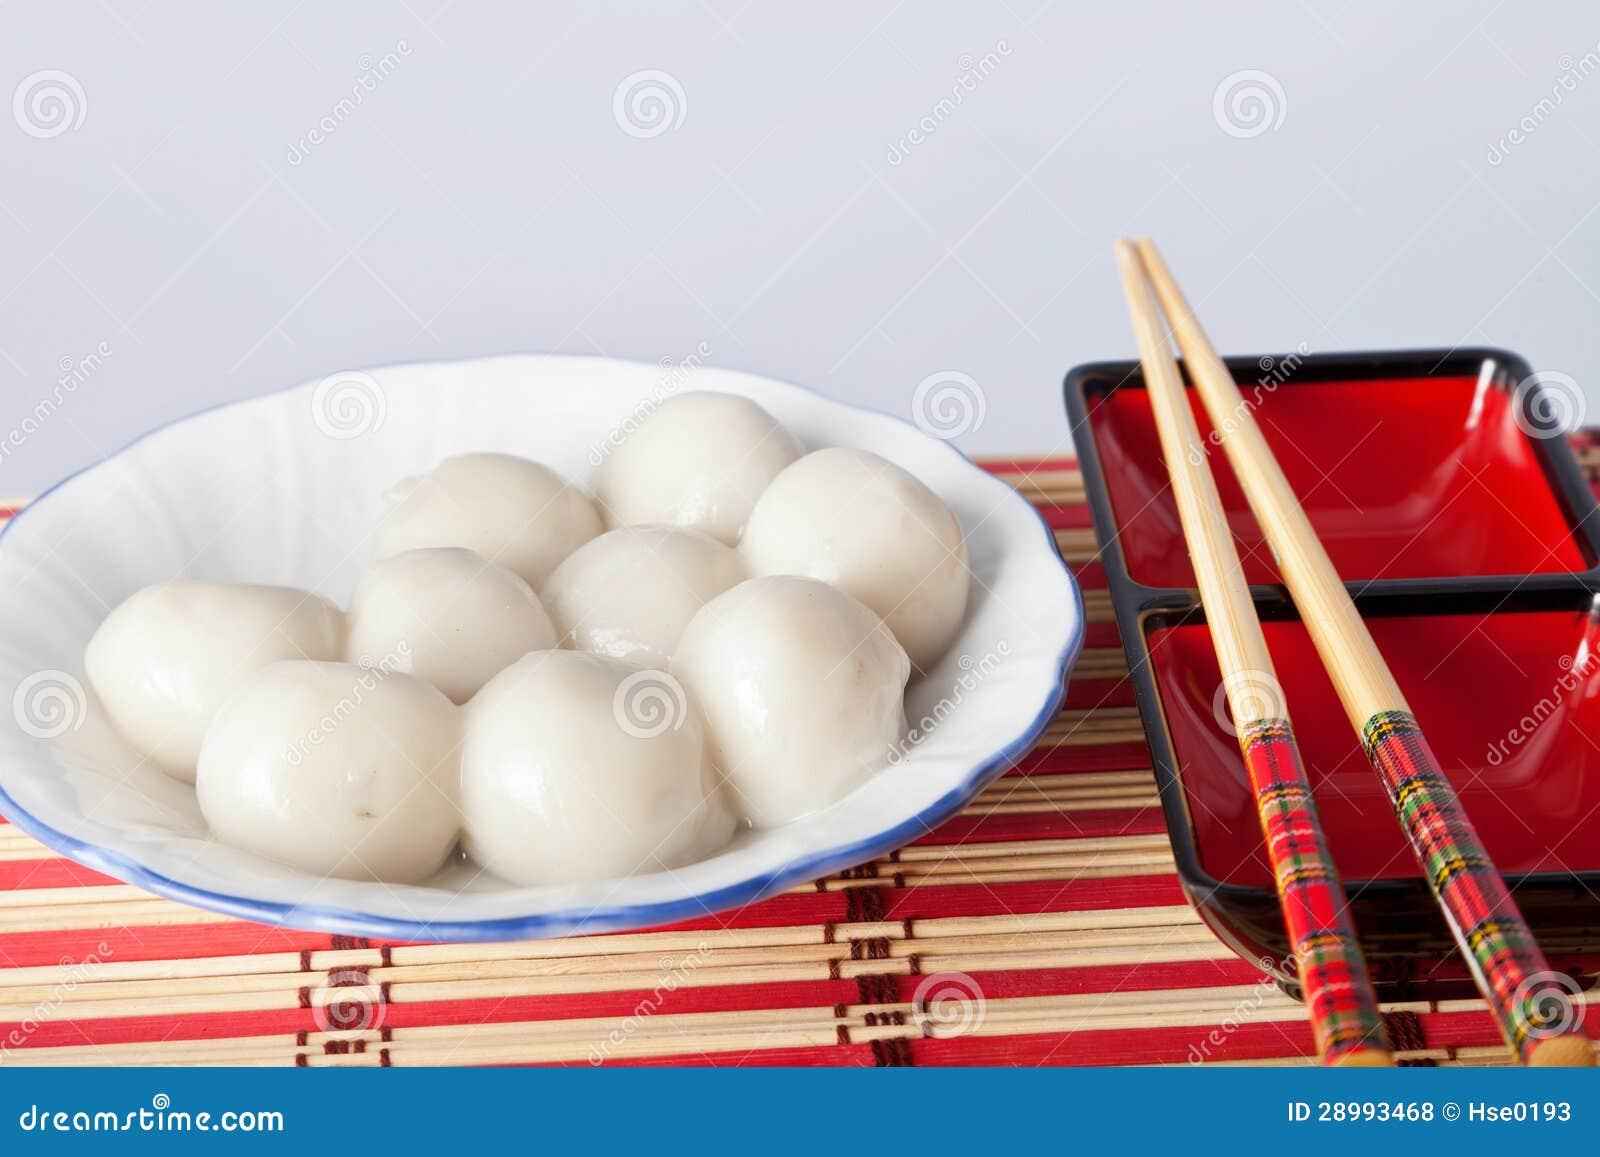 Polpette dolci cinesi fotografie stock libere da diritti for Oggetti tradizionali cinesi